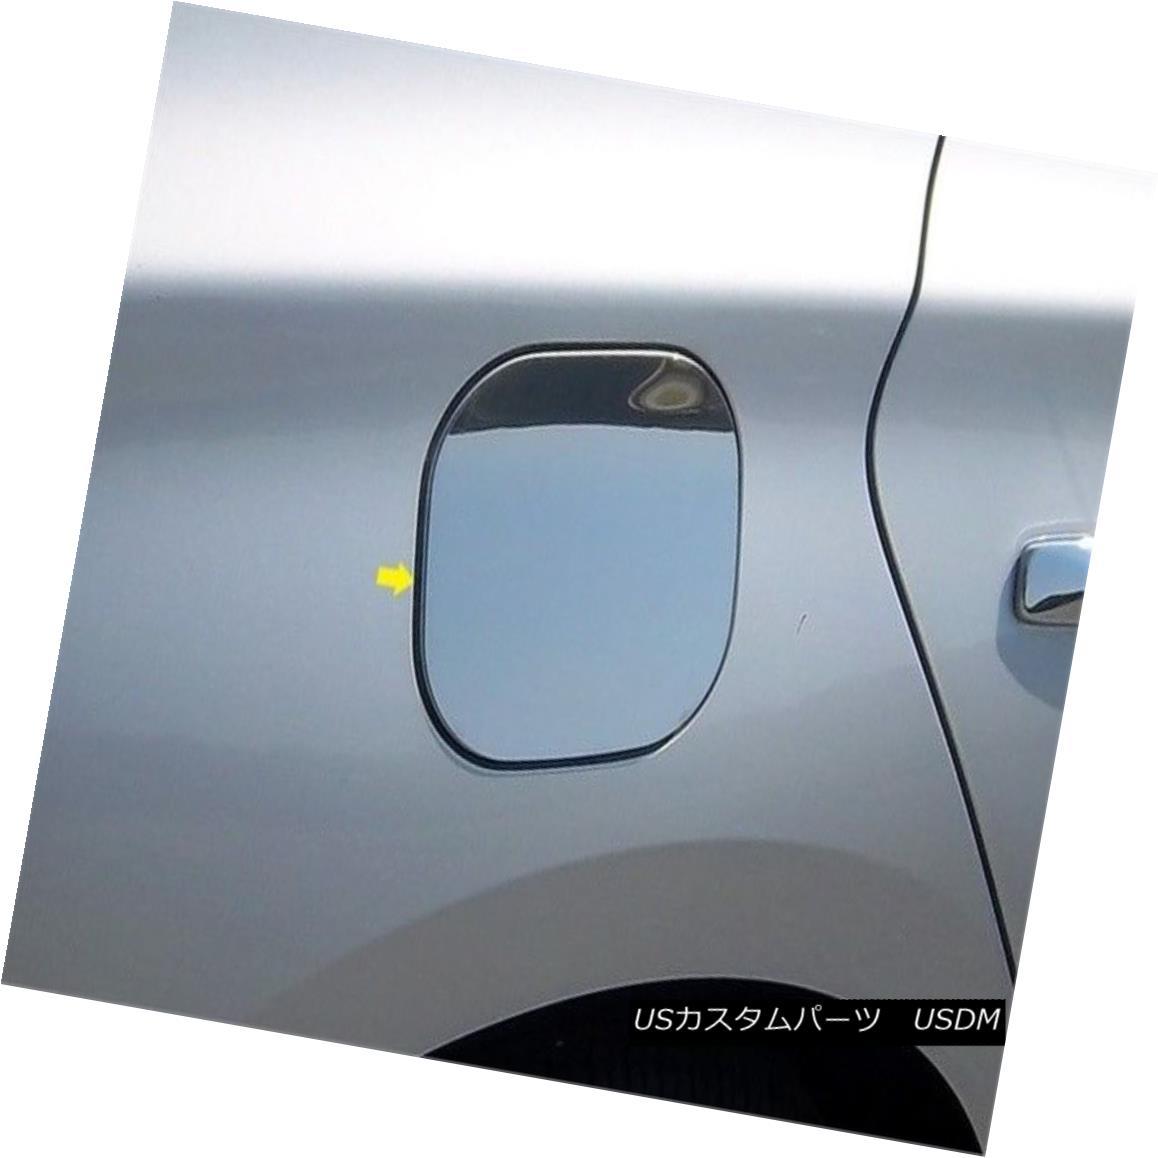 グリル Fits 2013-2015 NISSAN SENTRA 4-door -Stainless Steel GAS CAP DOOR 2013-2015 NISSAN SENTRA 4ドア - ステンレススチールガスCAP DOOR